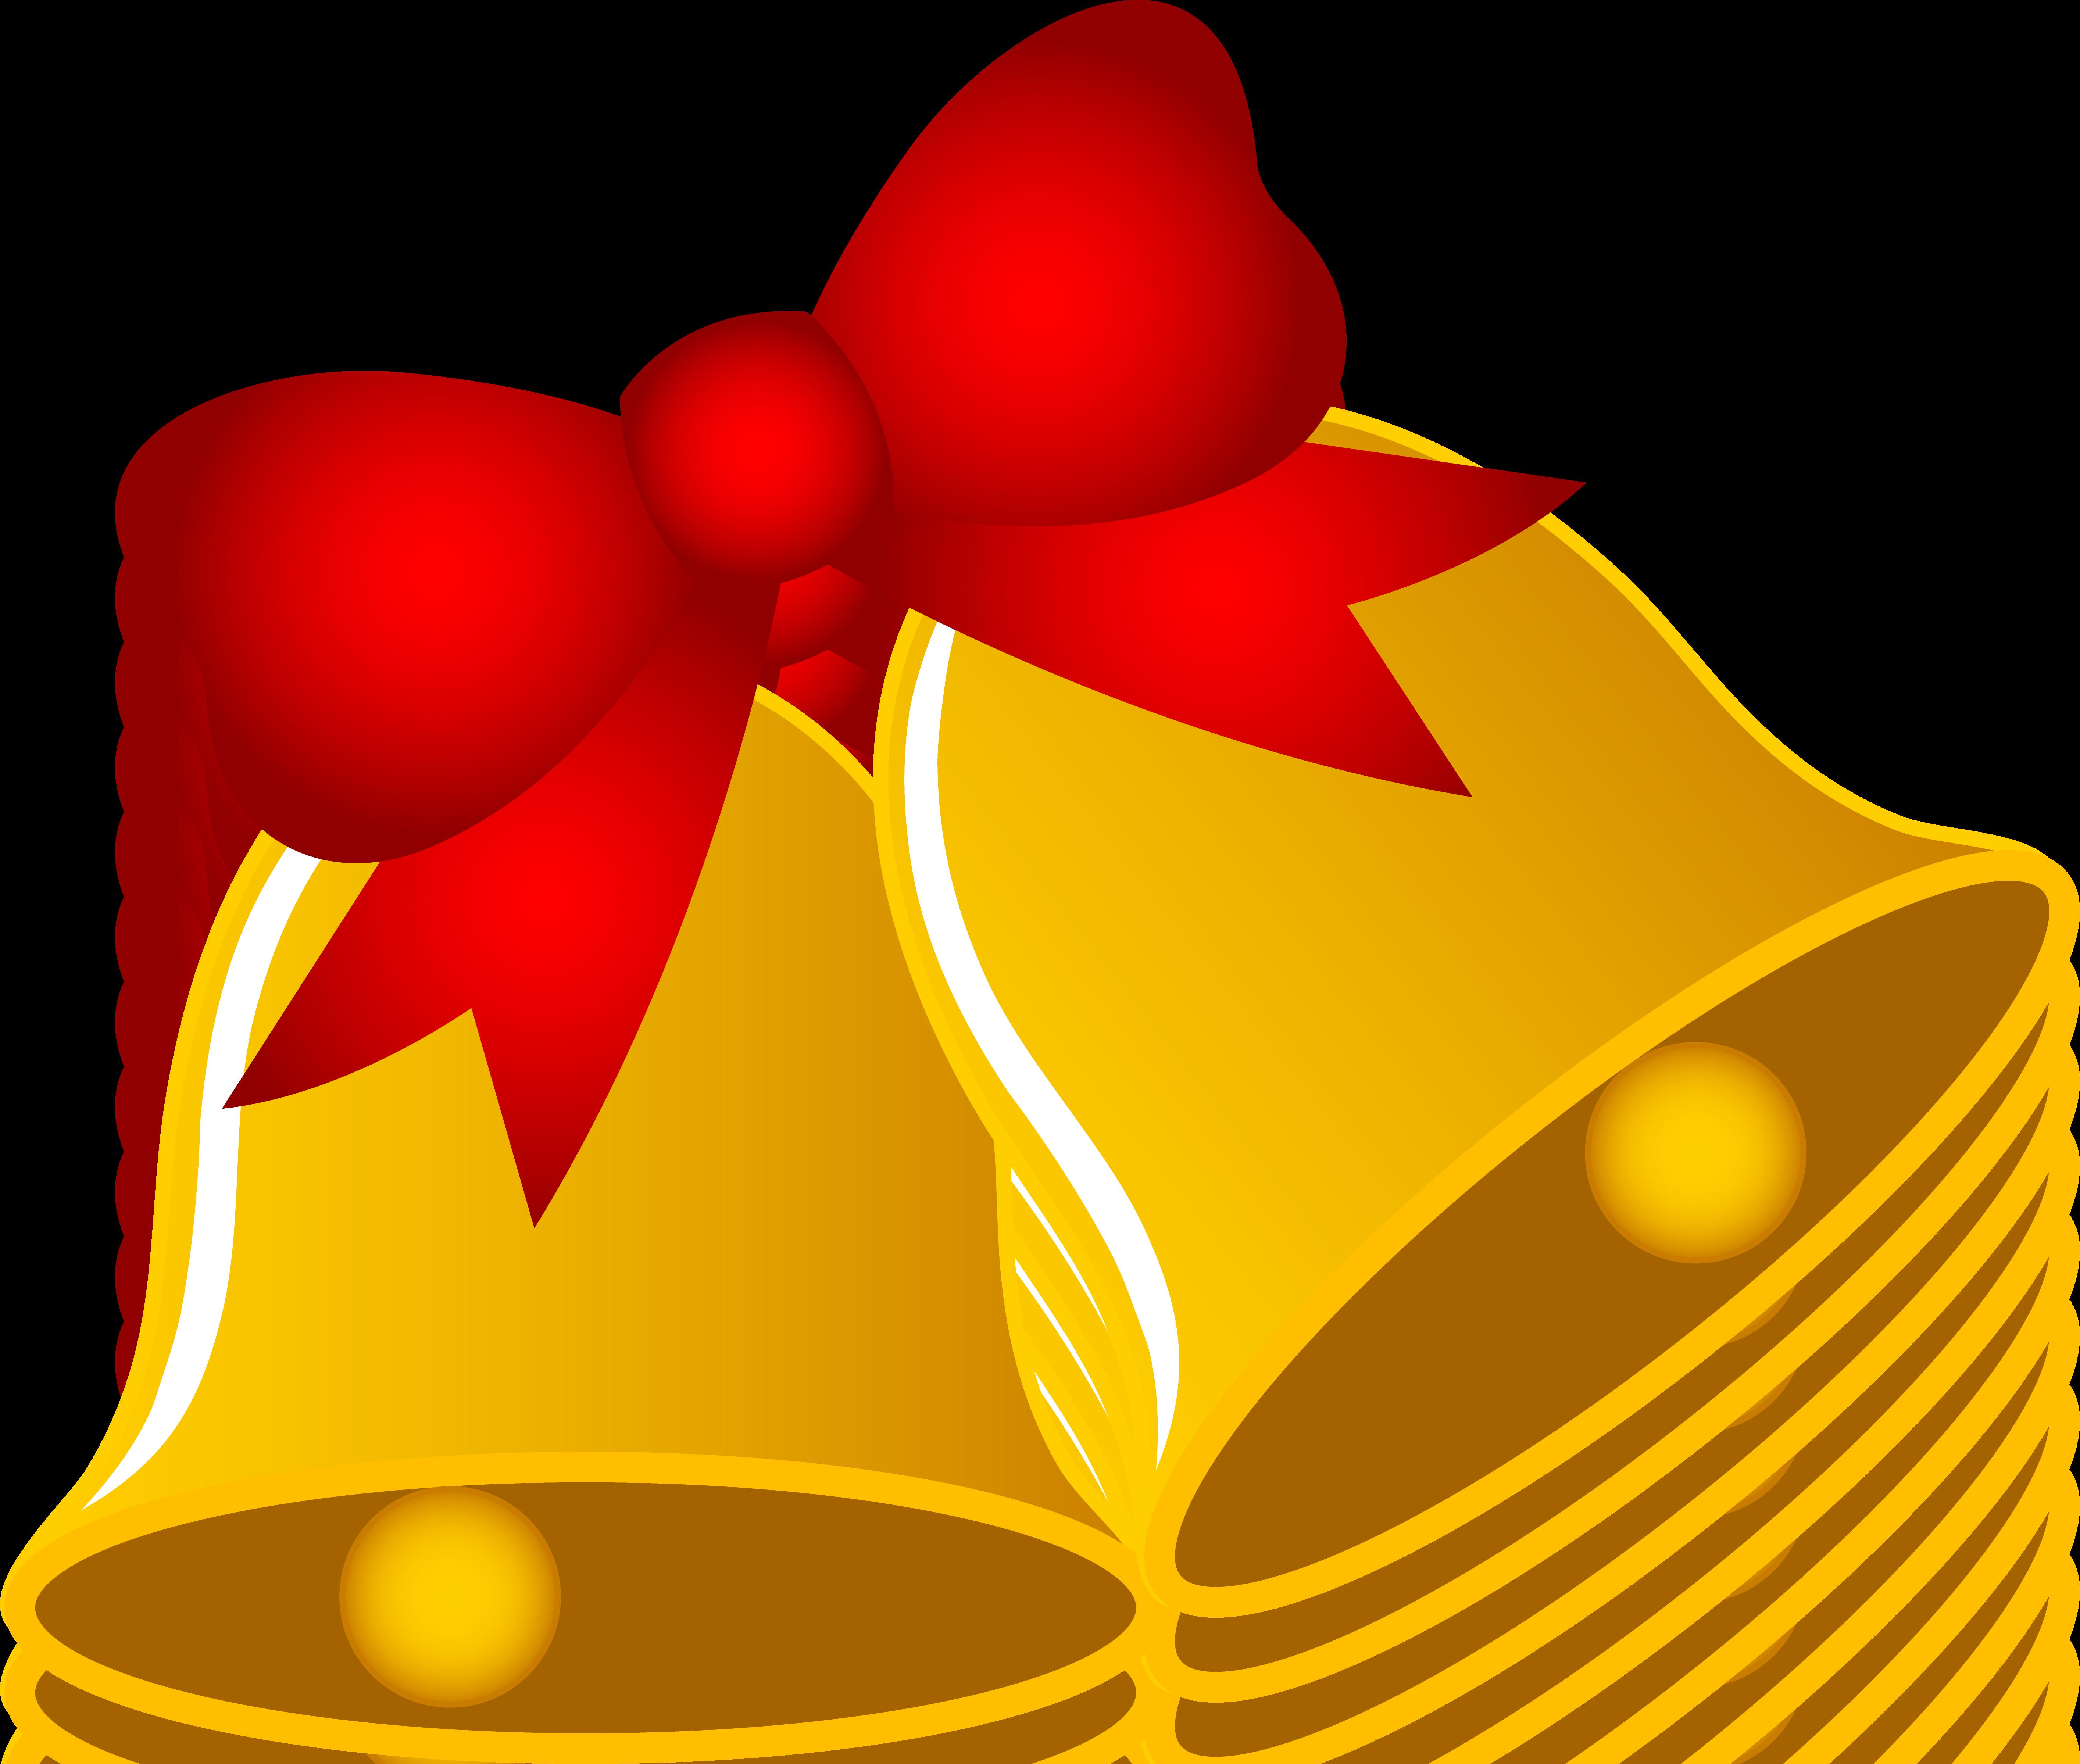 Ornaments clipart jingle bells. Christmas at getdrawings com